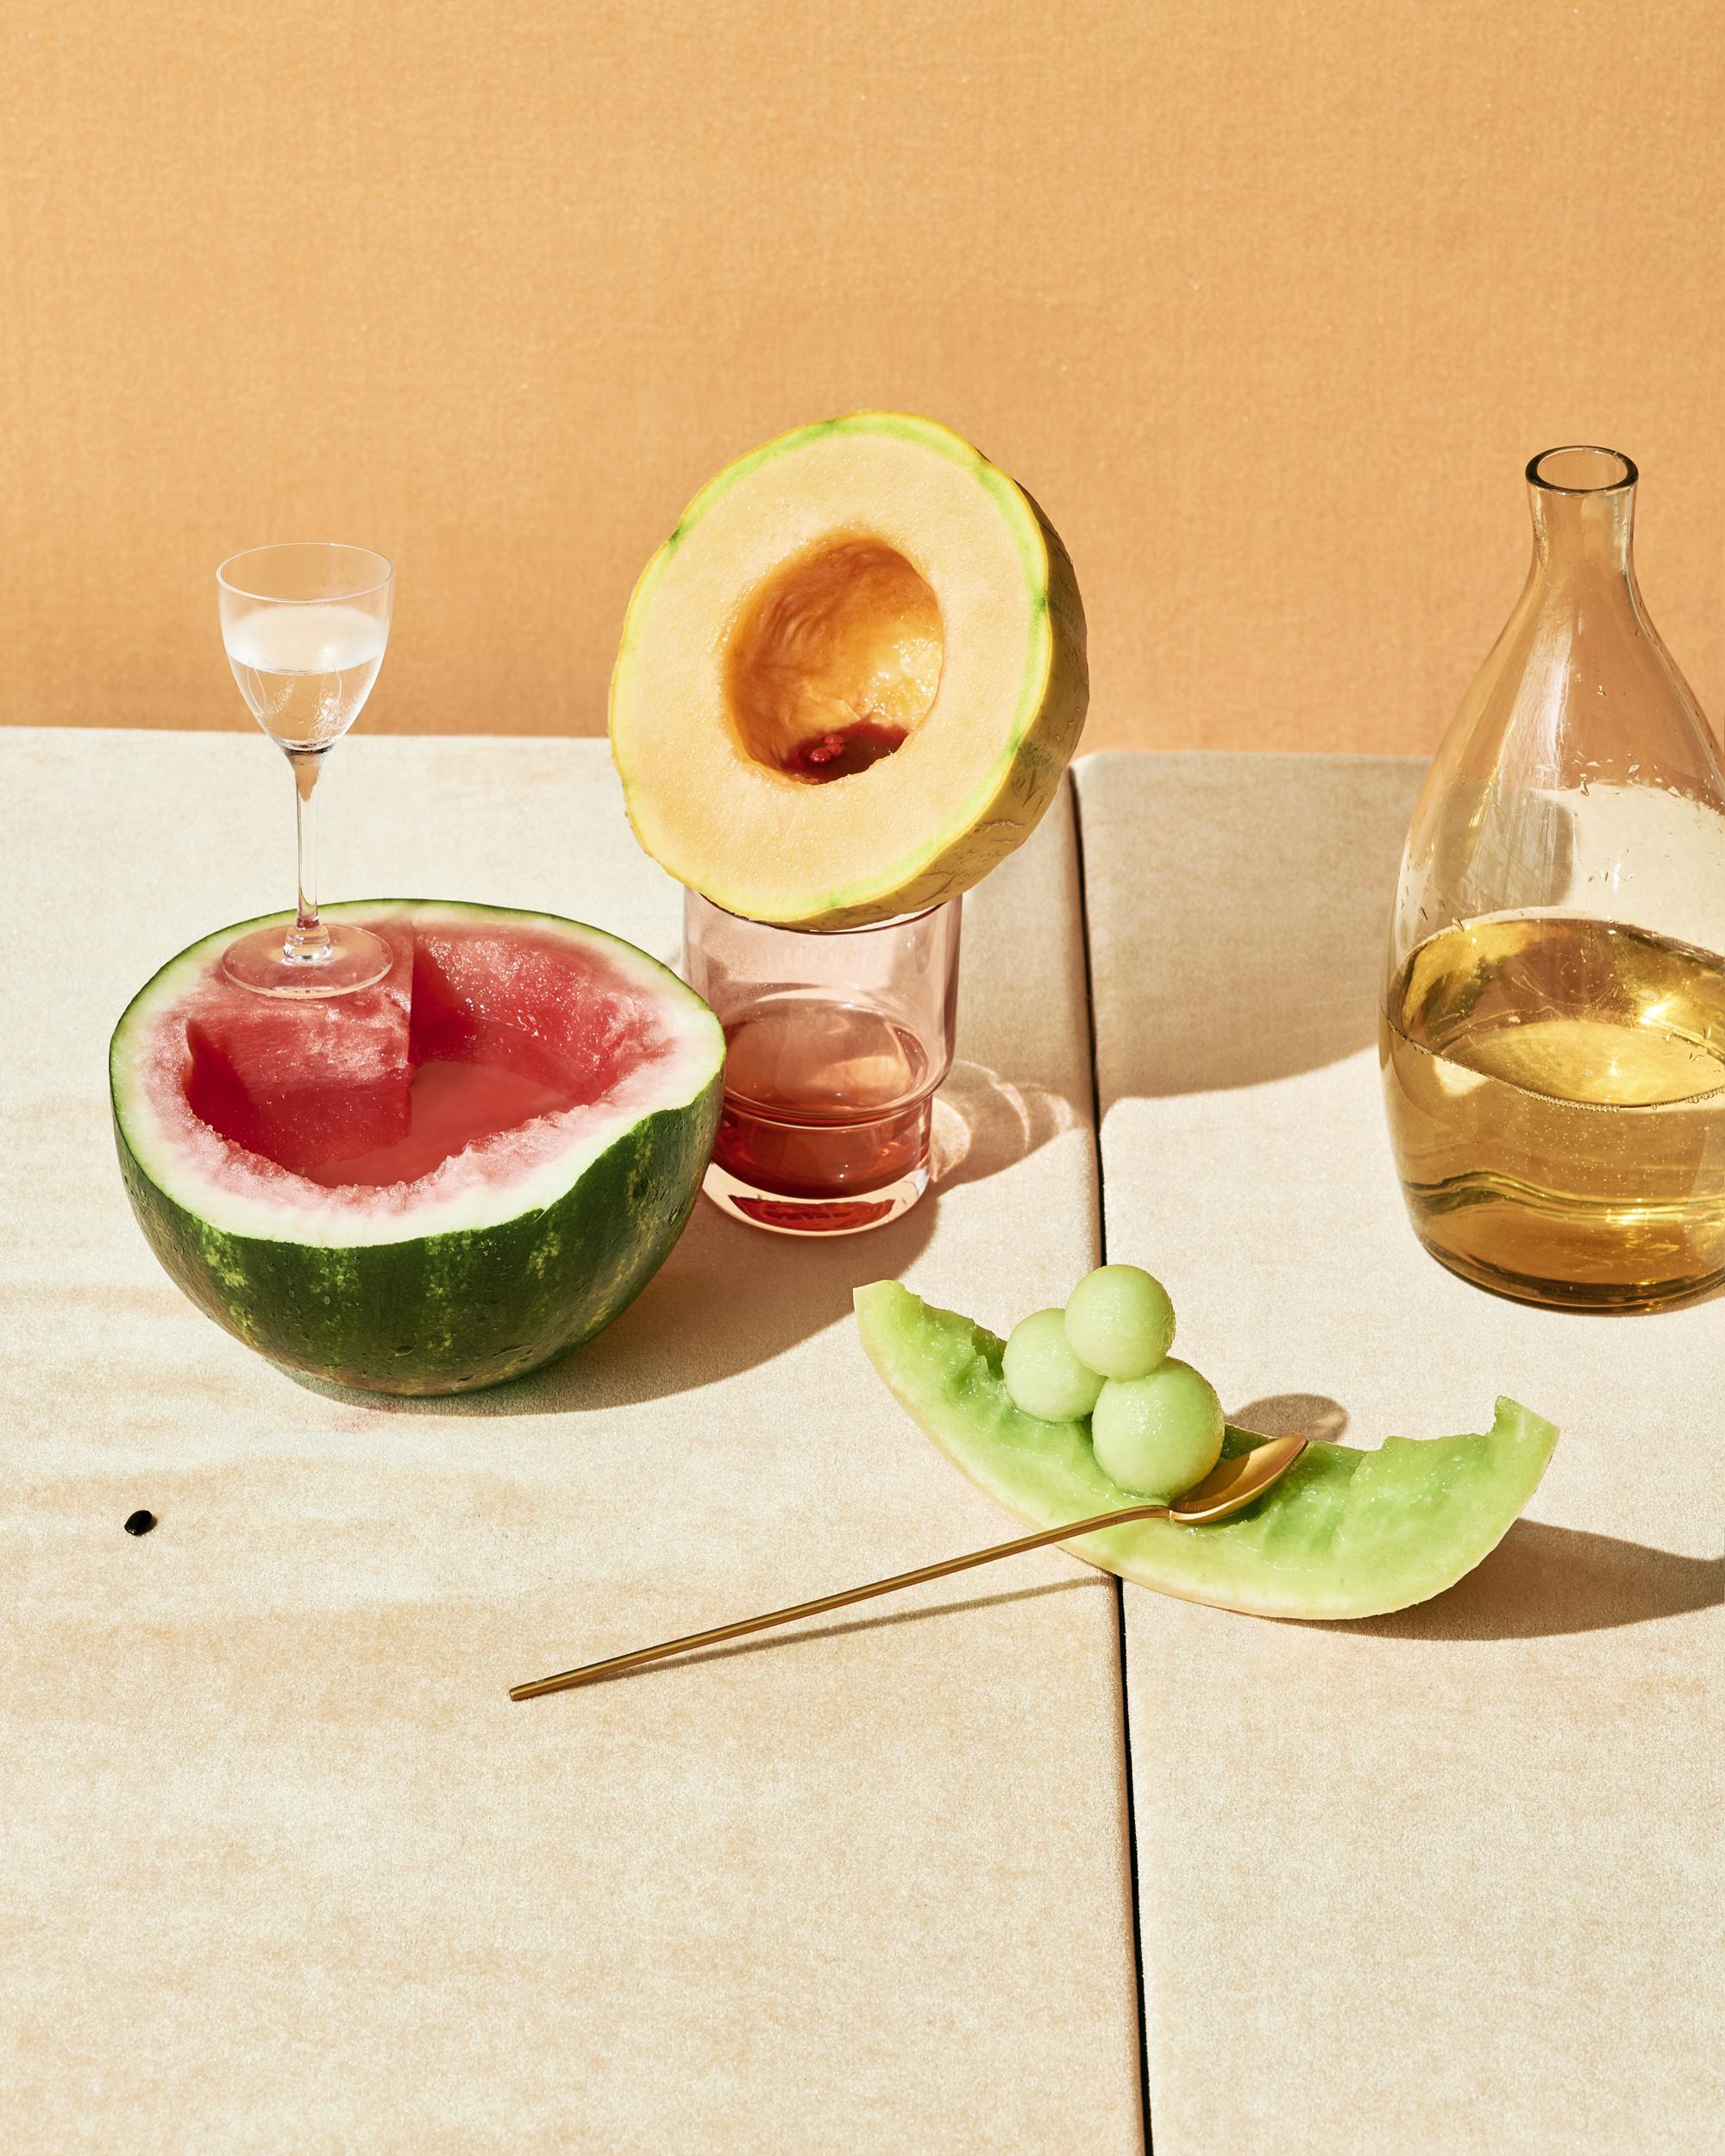 Melon_6743_FINAL.jpg